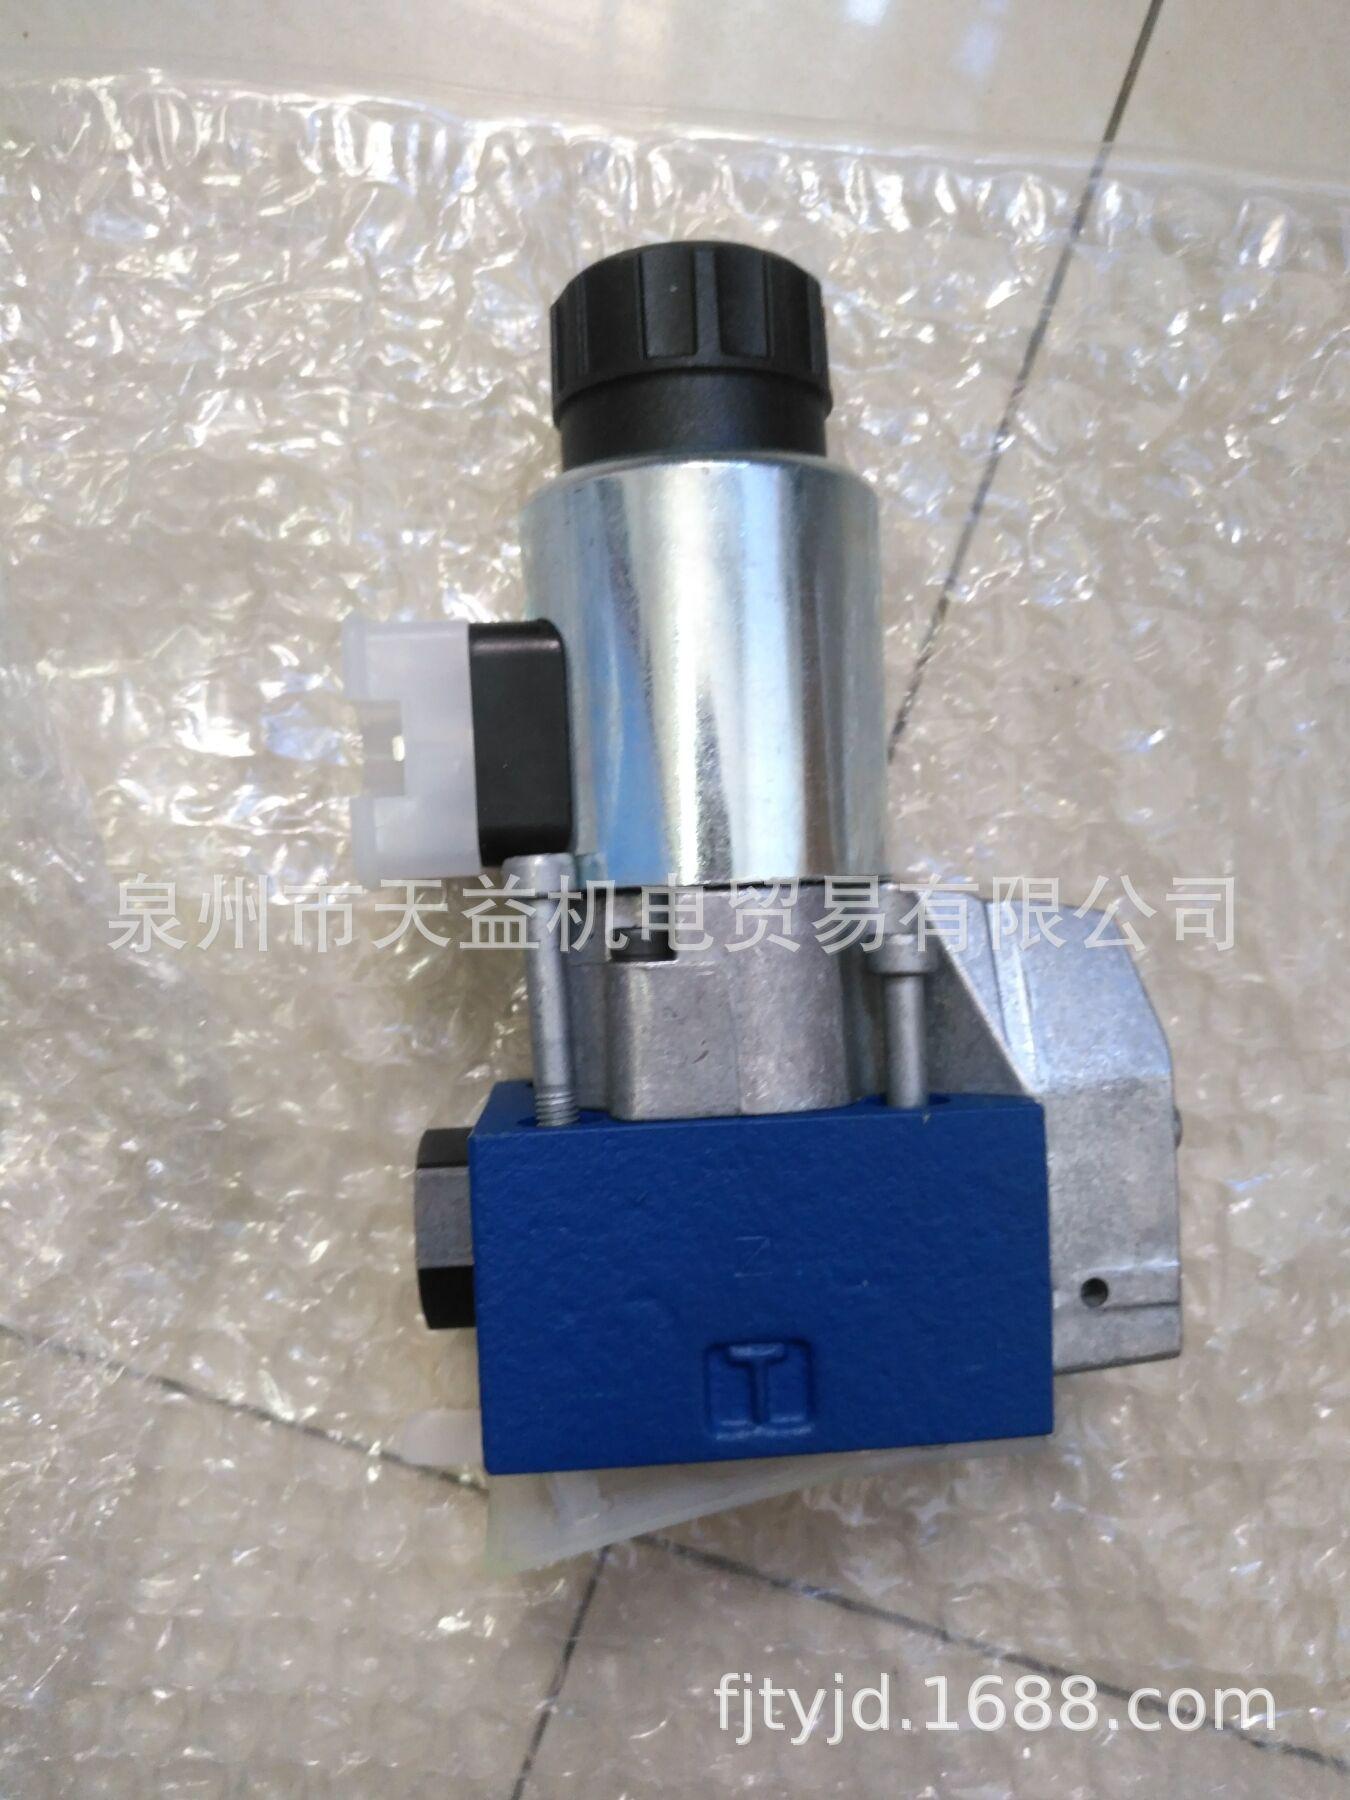 掇刀区工业流体与控制产品(液压 气动 密封 过滤 传感器 管件接头)